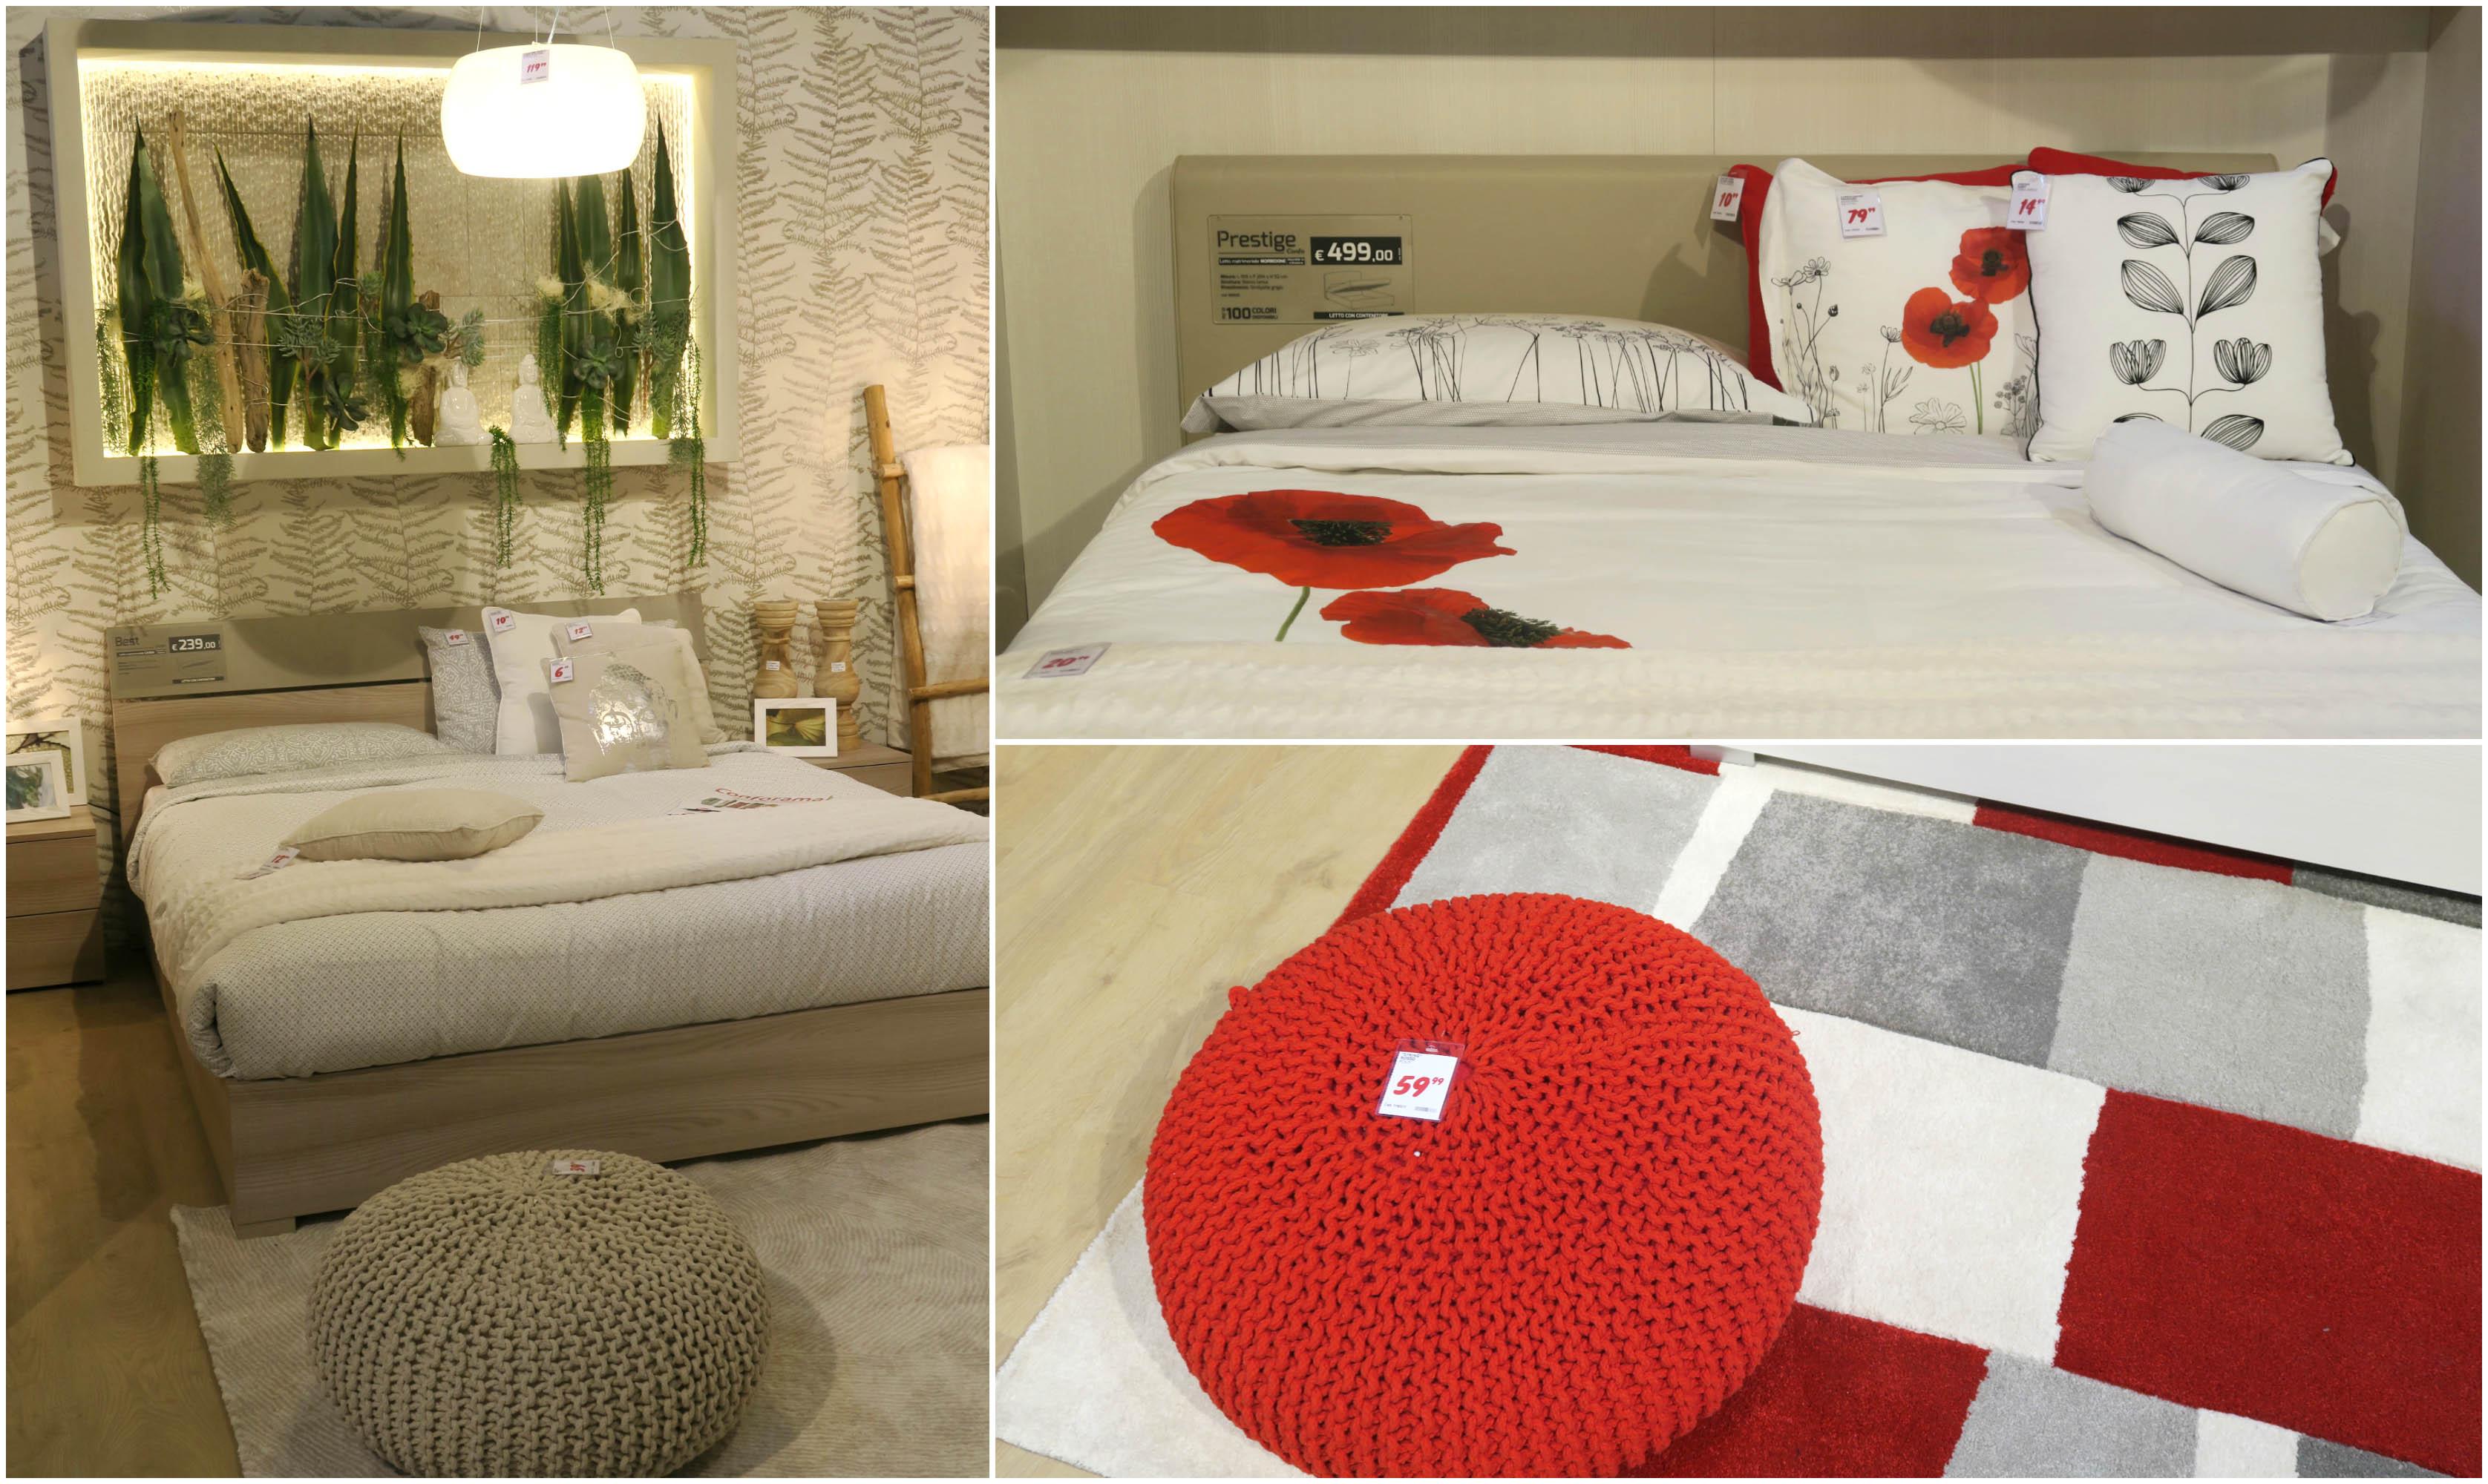 Conforama camere da letto excellent conforama camere da letto with conforama camere da letto - Le migliori camere da letto ...